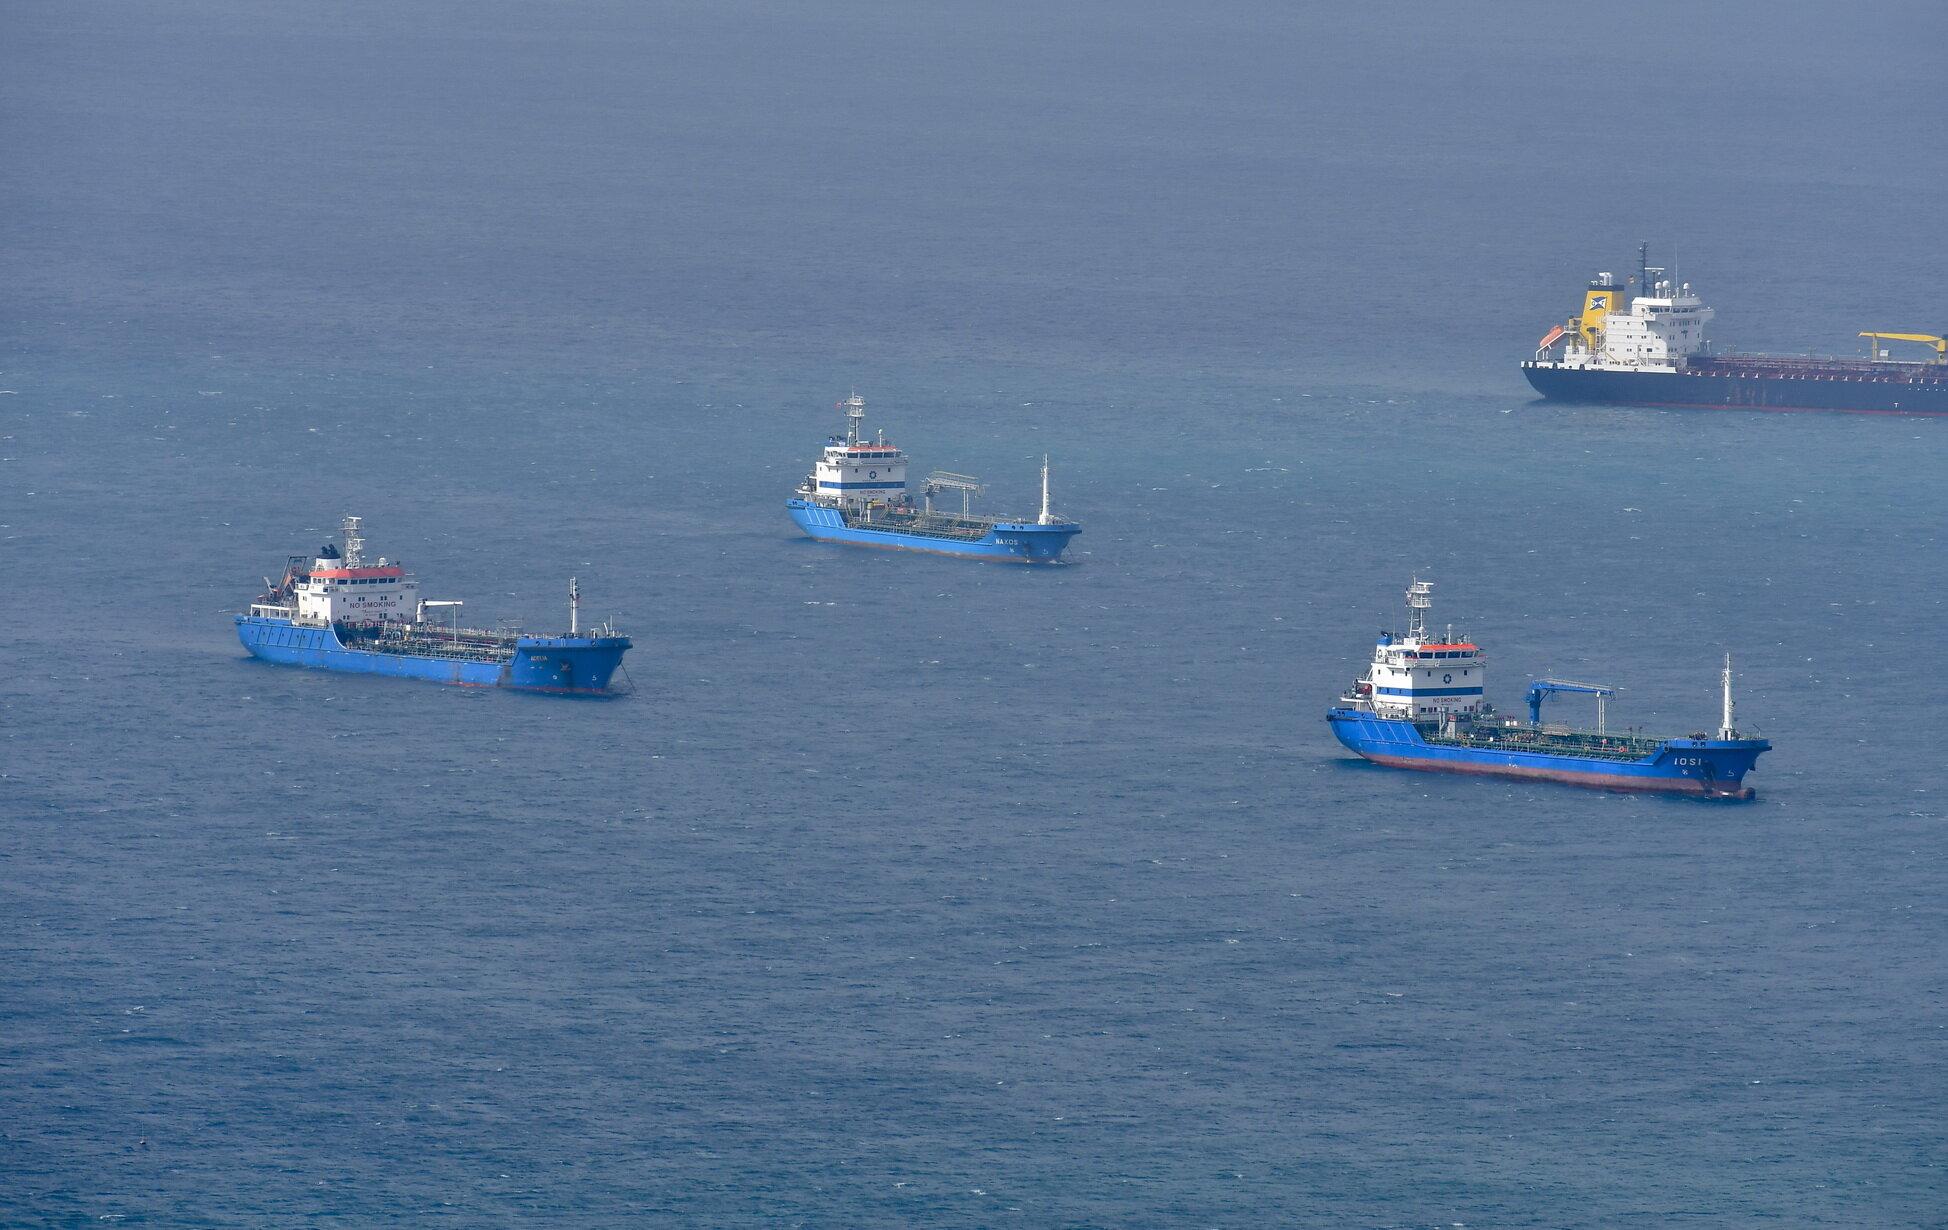 Adelia_Naxos_Ios I_24-02-19_Gibraltar roads